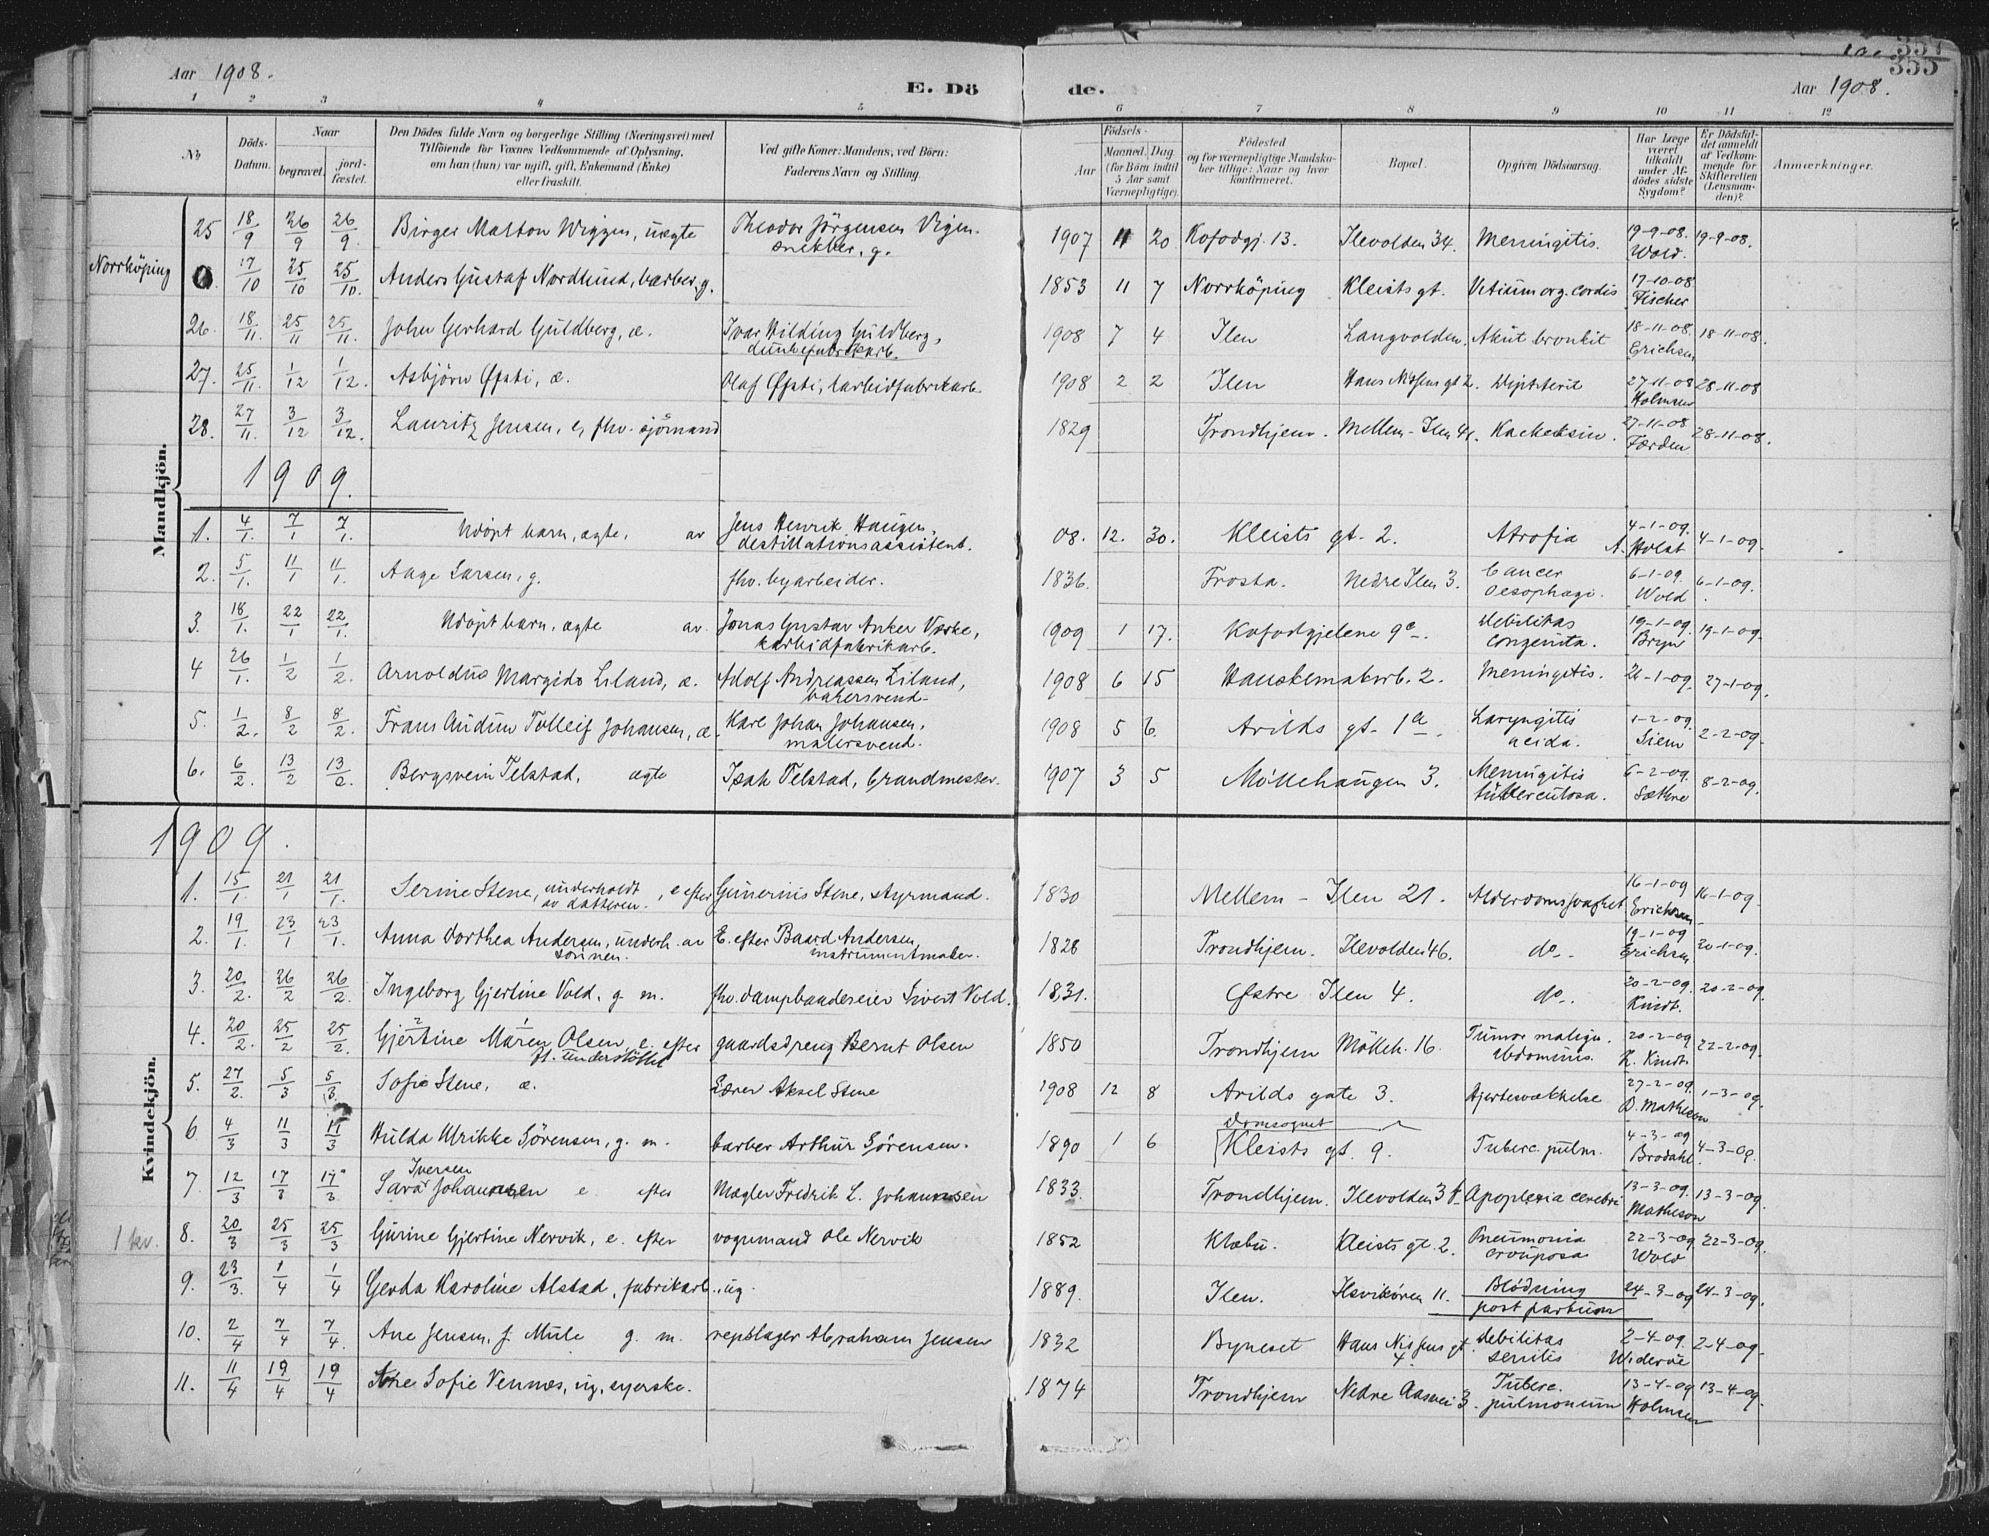 SAT, Ministerialprotokoller, klokkerbøker og fødselsregistre - Sør-Trøndelag, 603/L0167: Ministerialbok nr. 603A06, 1896-1932, s. 355